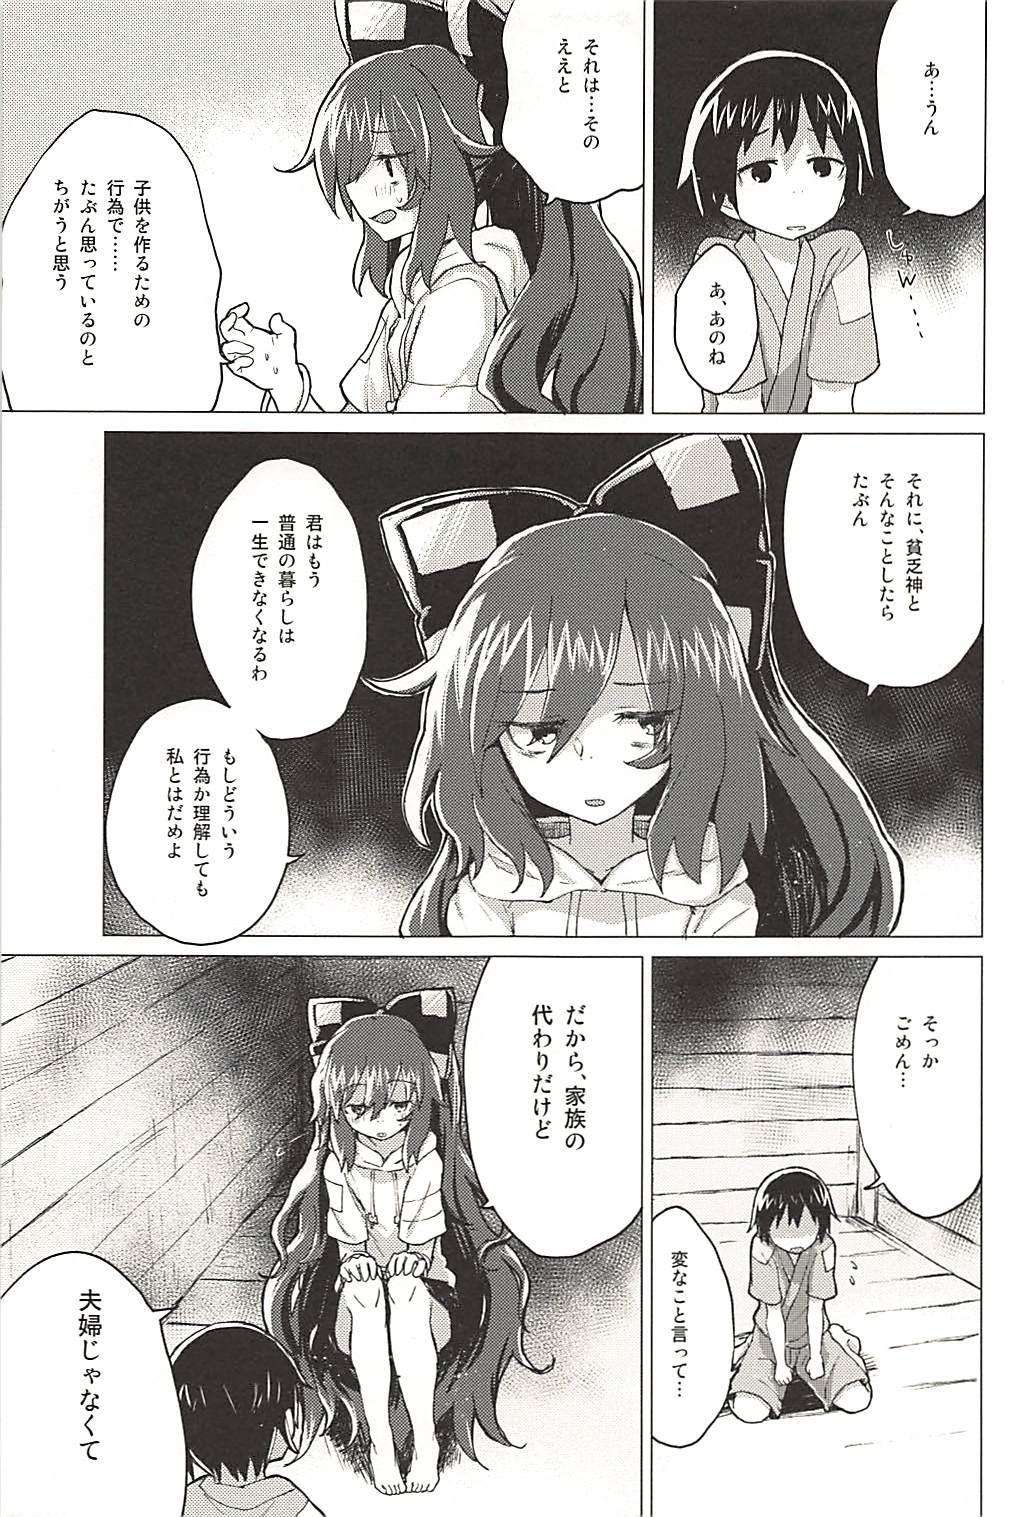 Shion Onee-chan to Kazoku ni Naru Hon 7